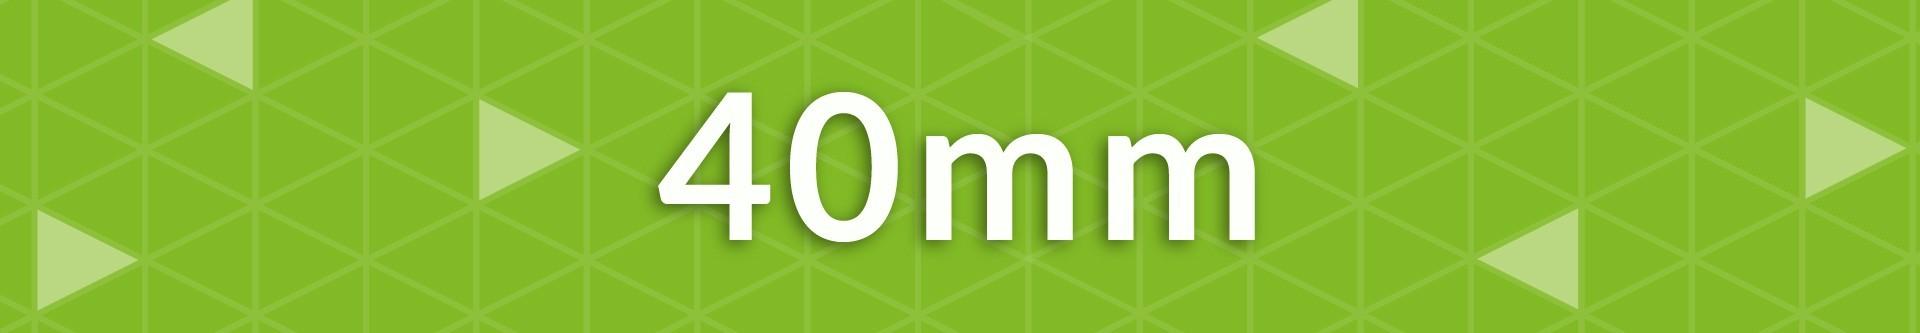 Grosor 40 mm